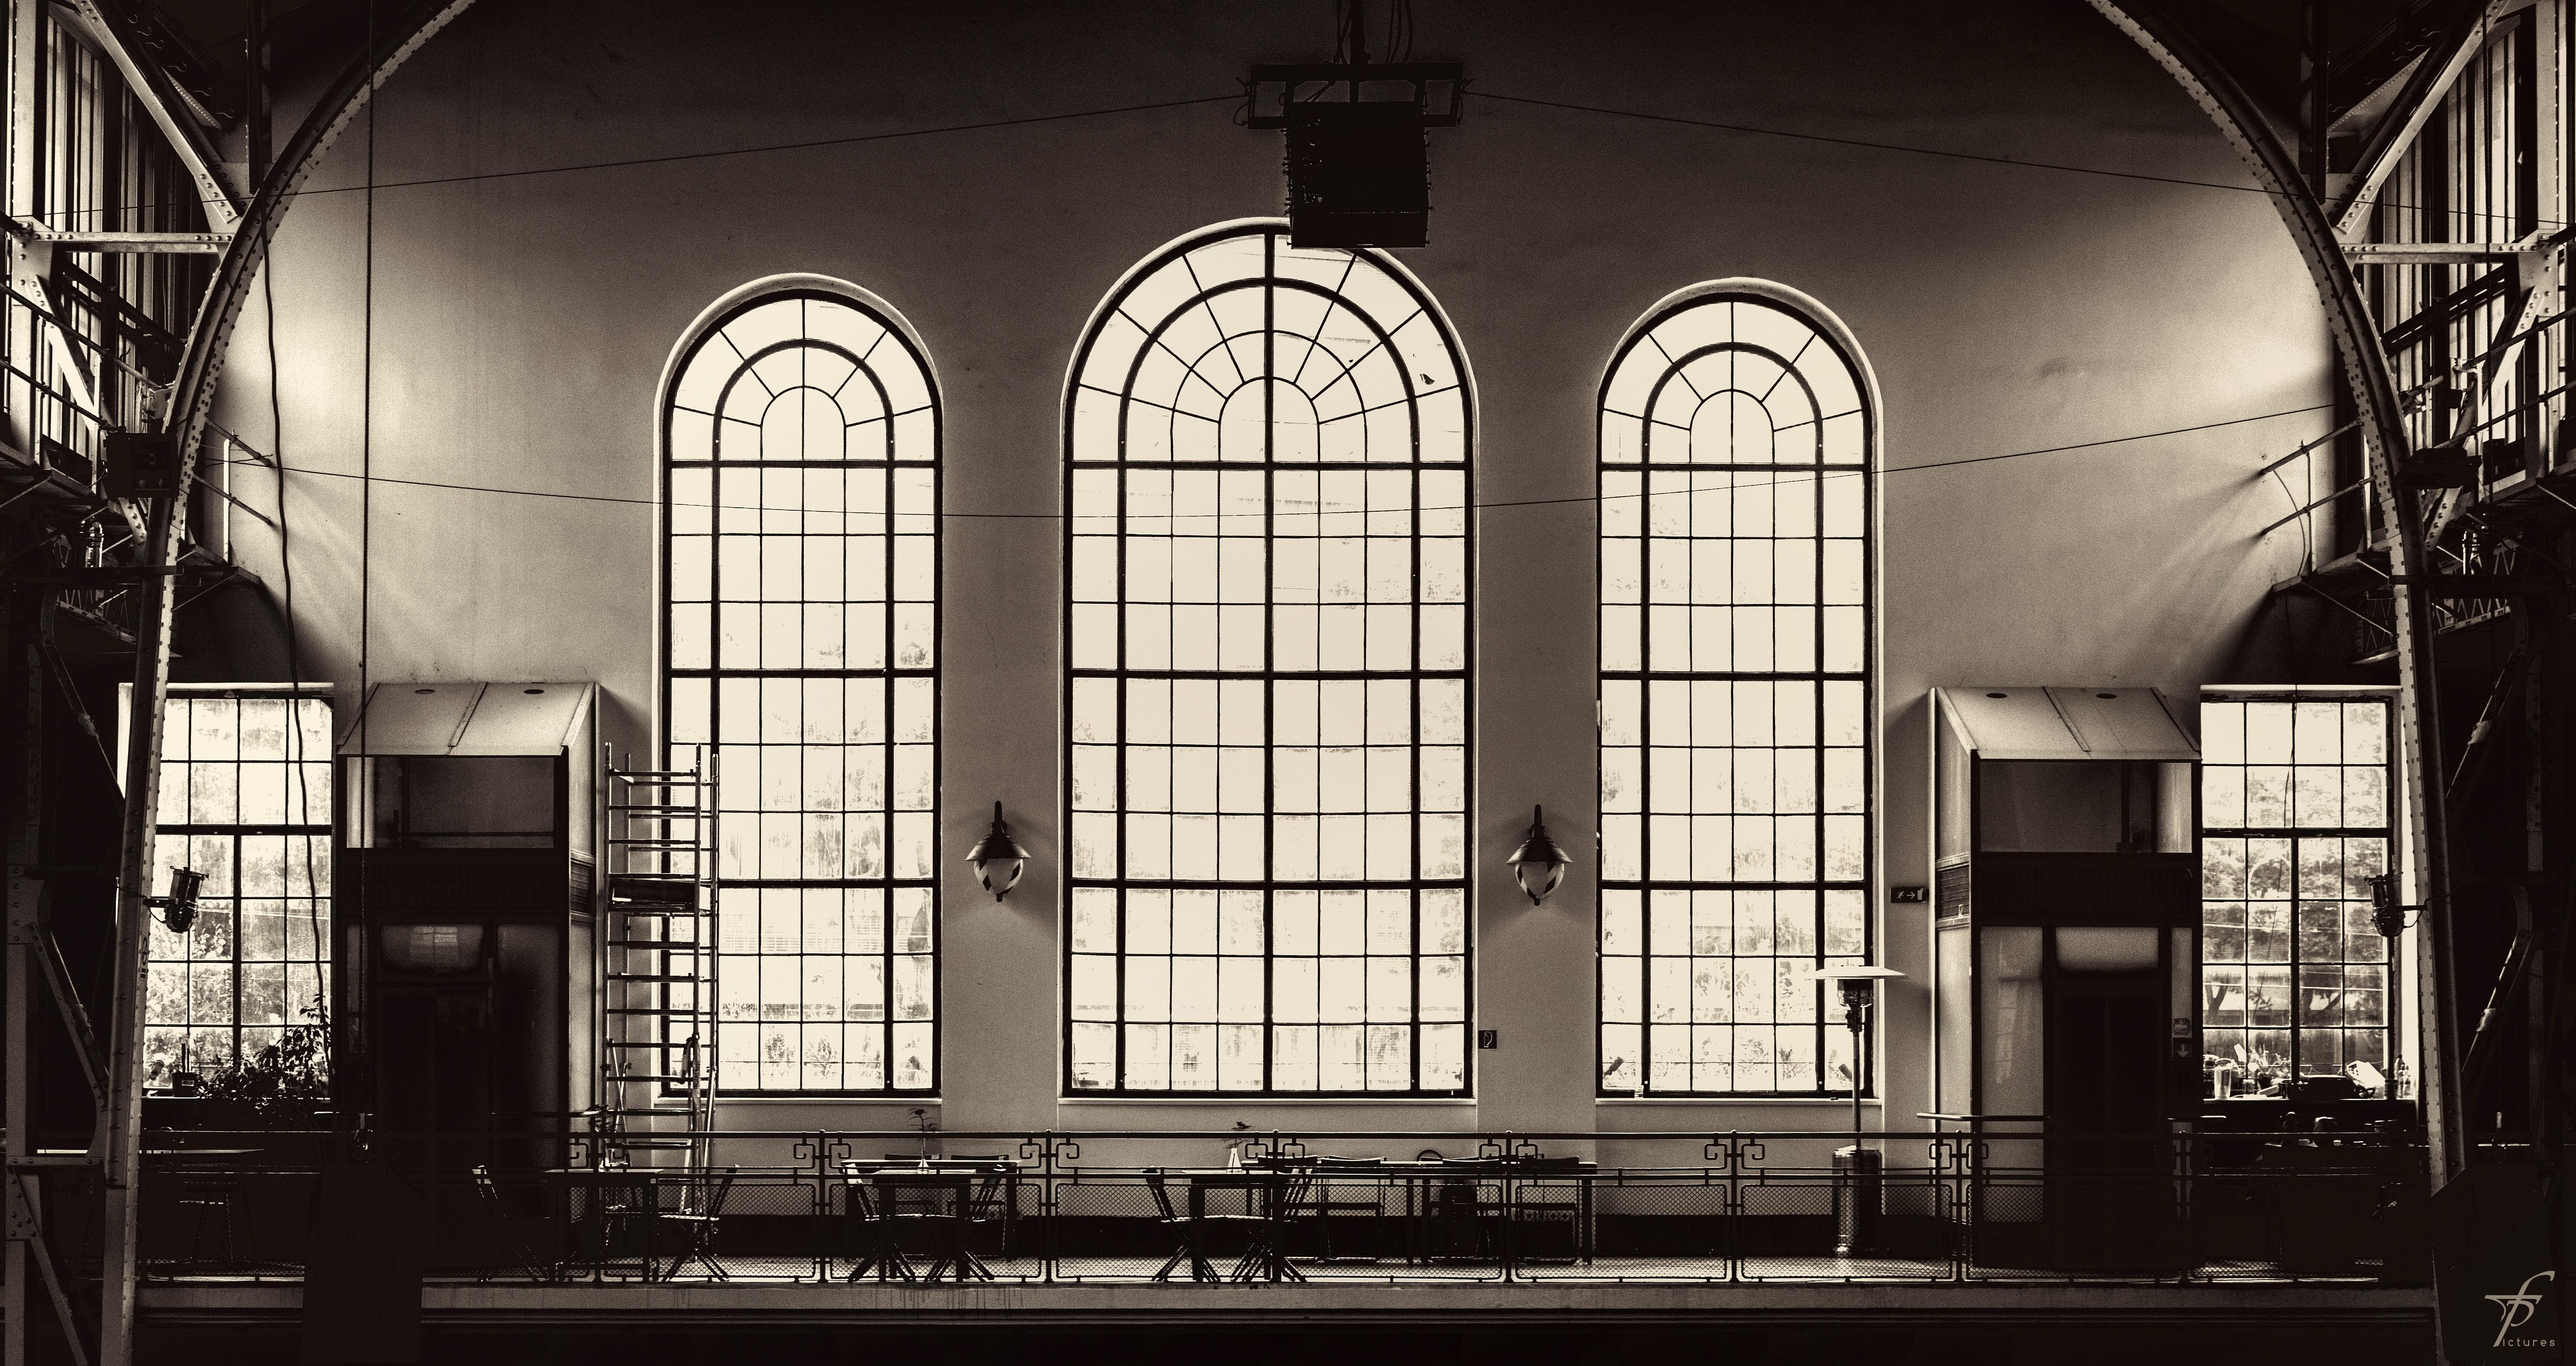 Kostenlose foto : Licht, Schwarz und weiß, die Architektur, Struktur ...